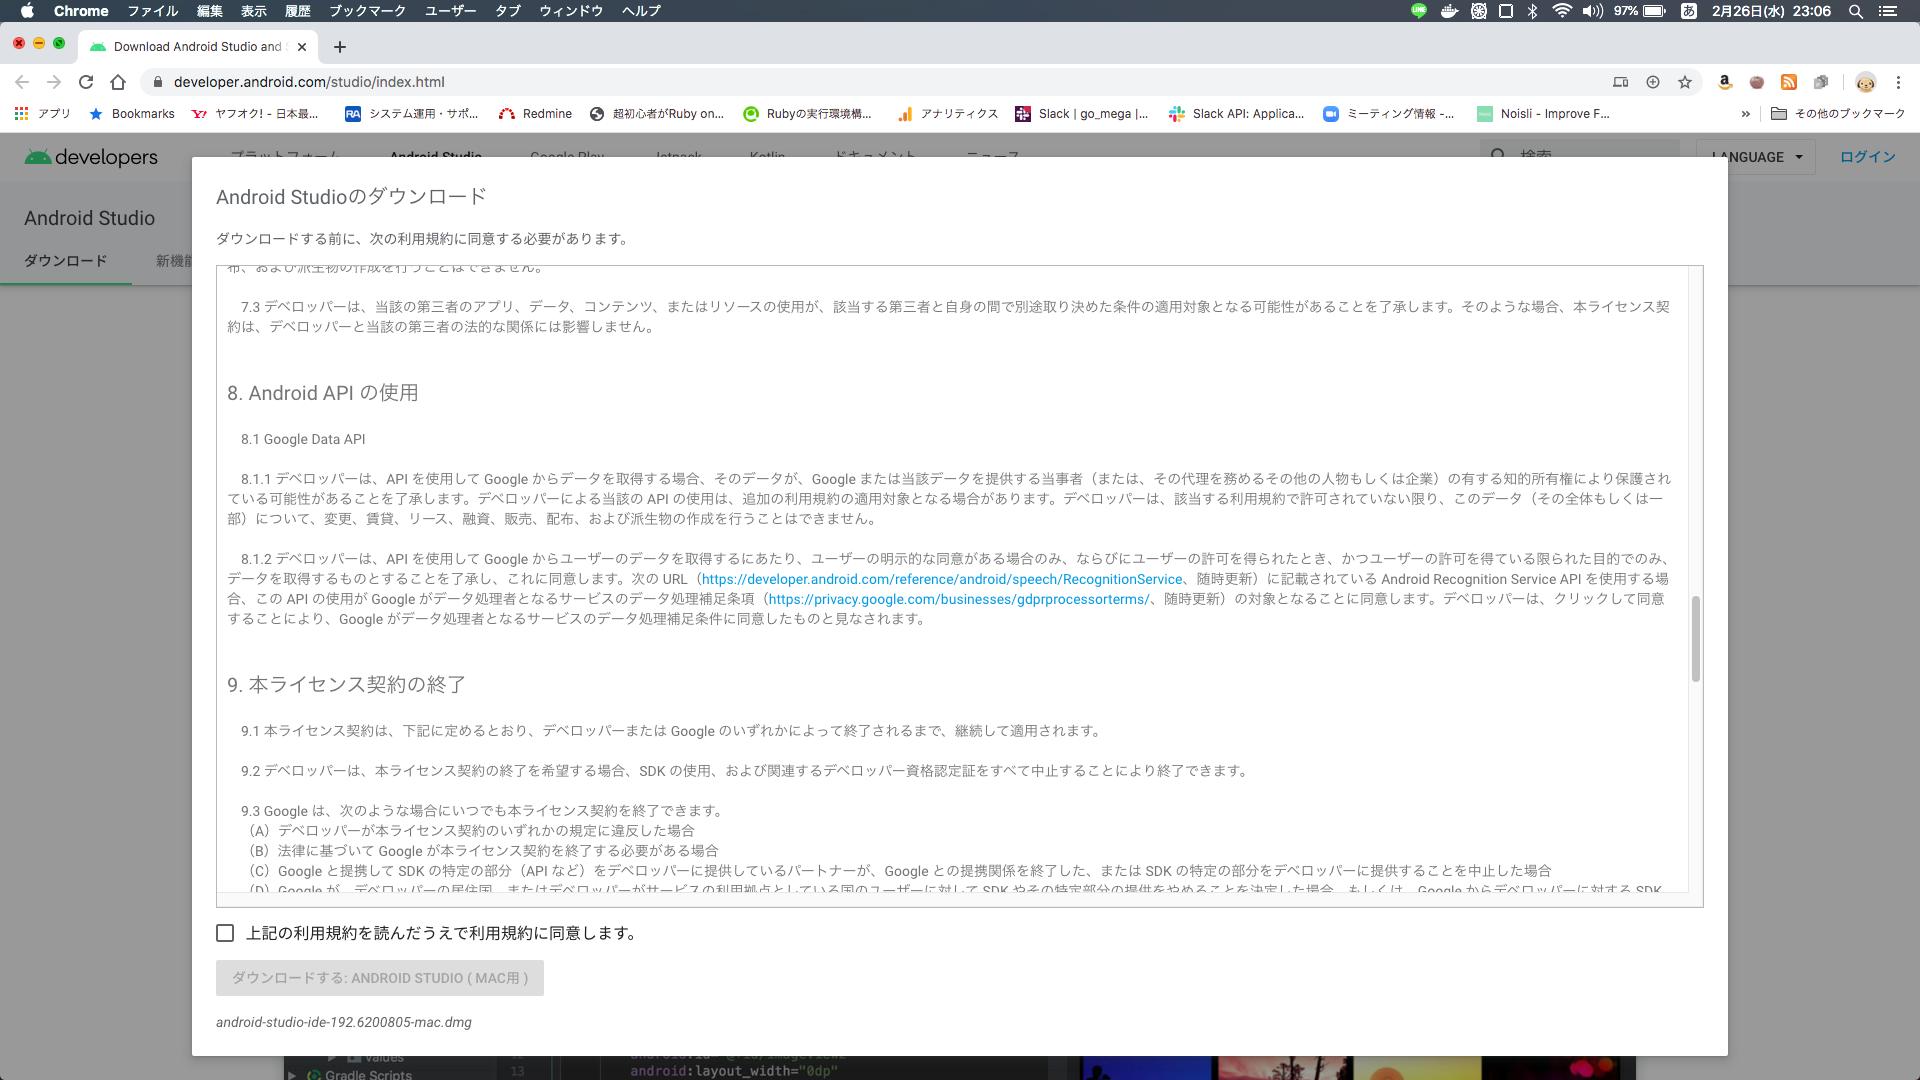 スクリーンショット 2020-02-26 23.06.08(2).png